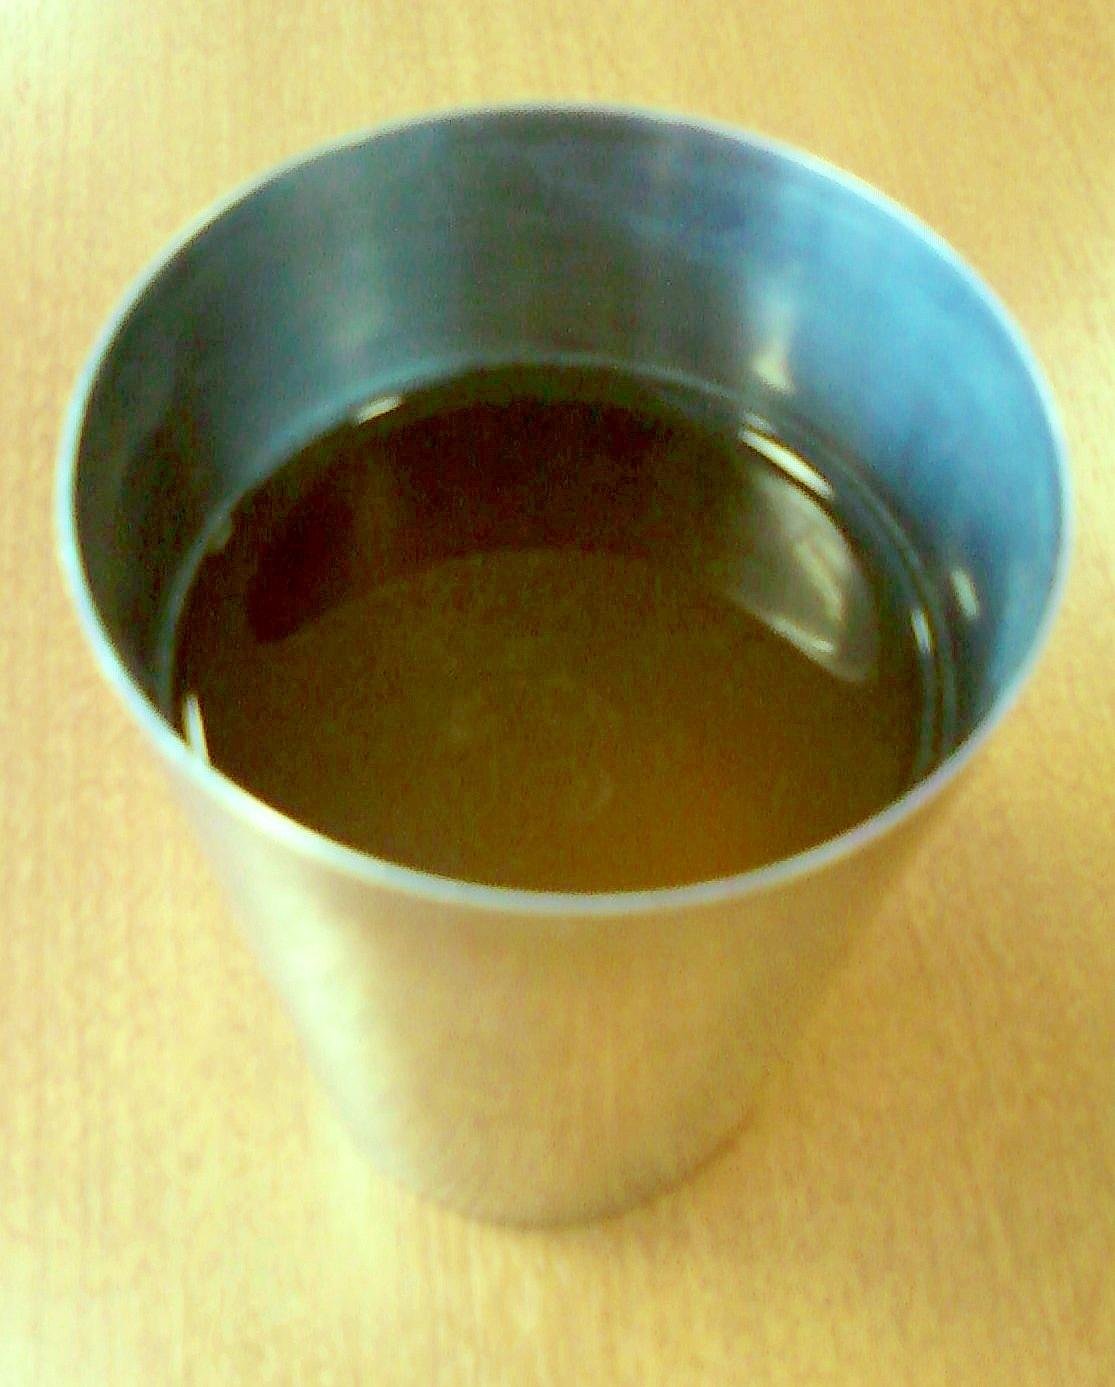 ☆*:・☆緑茶抹茶アクエリアス割り焼酎☆*:・☆